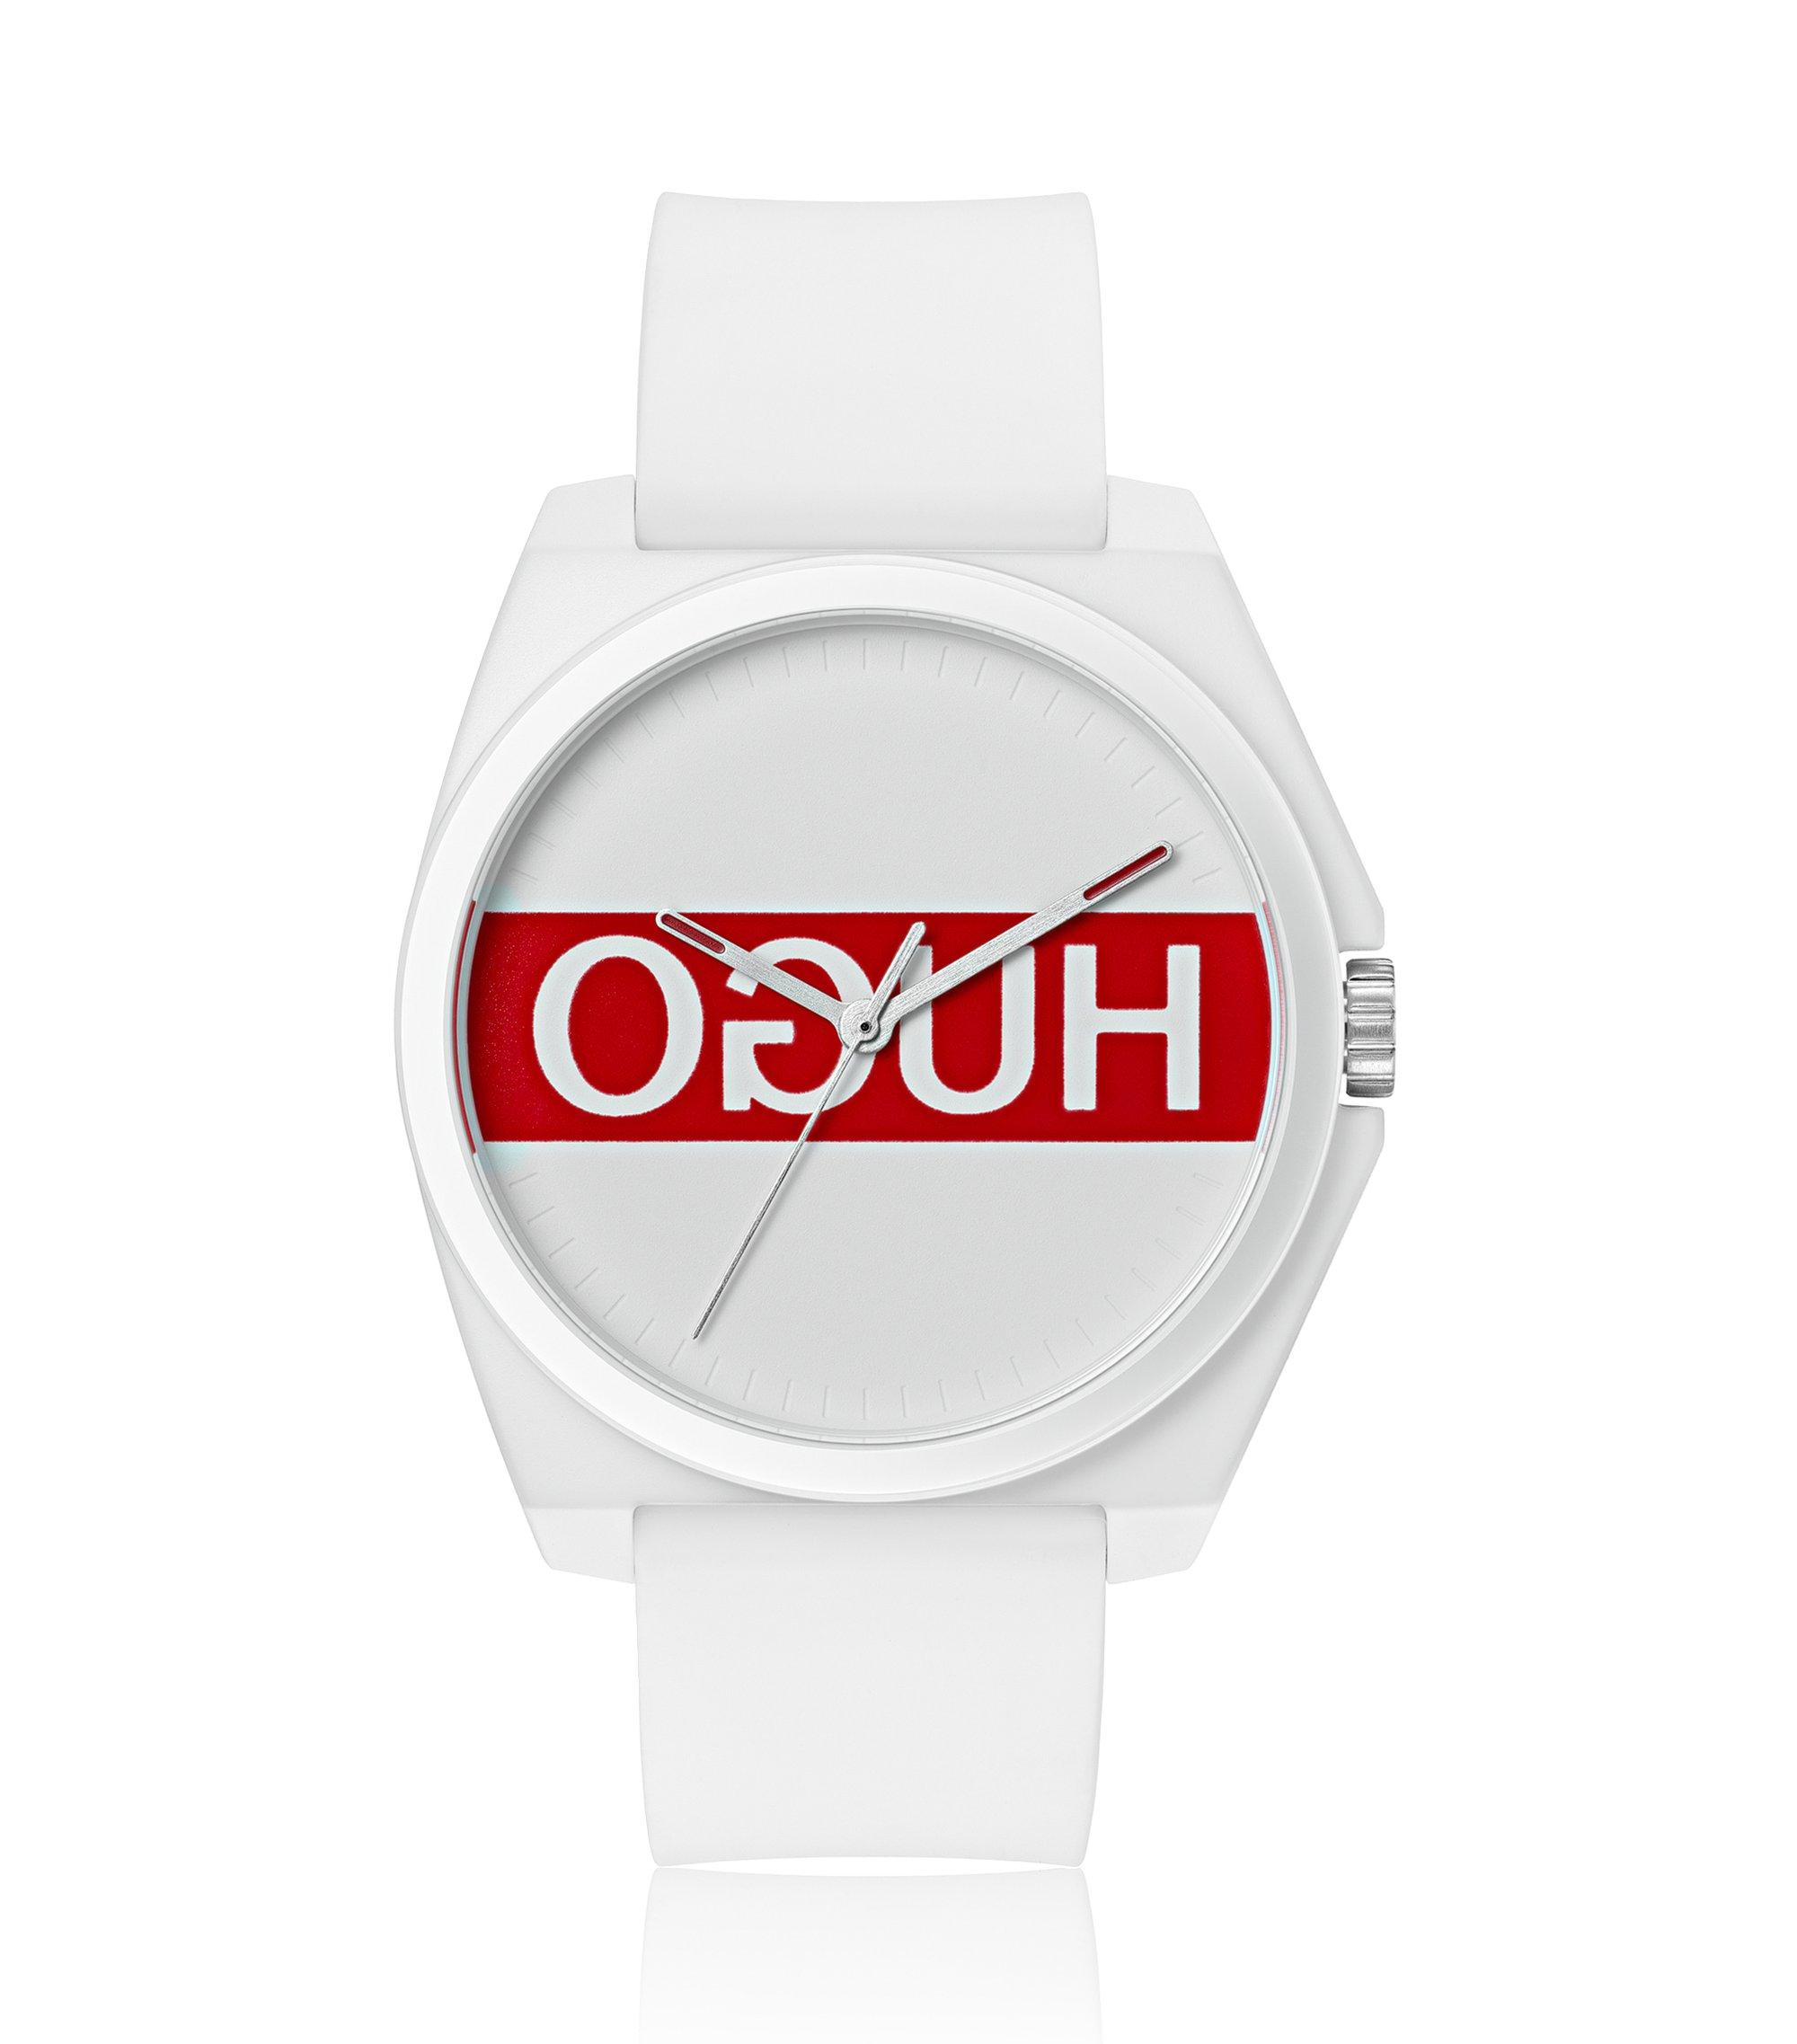 Reloj unisex con logo invertido y correa de silicona, Blanco